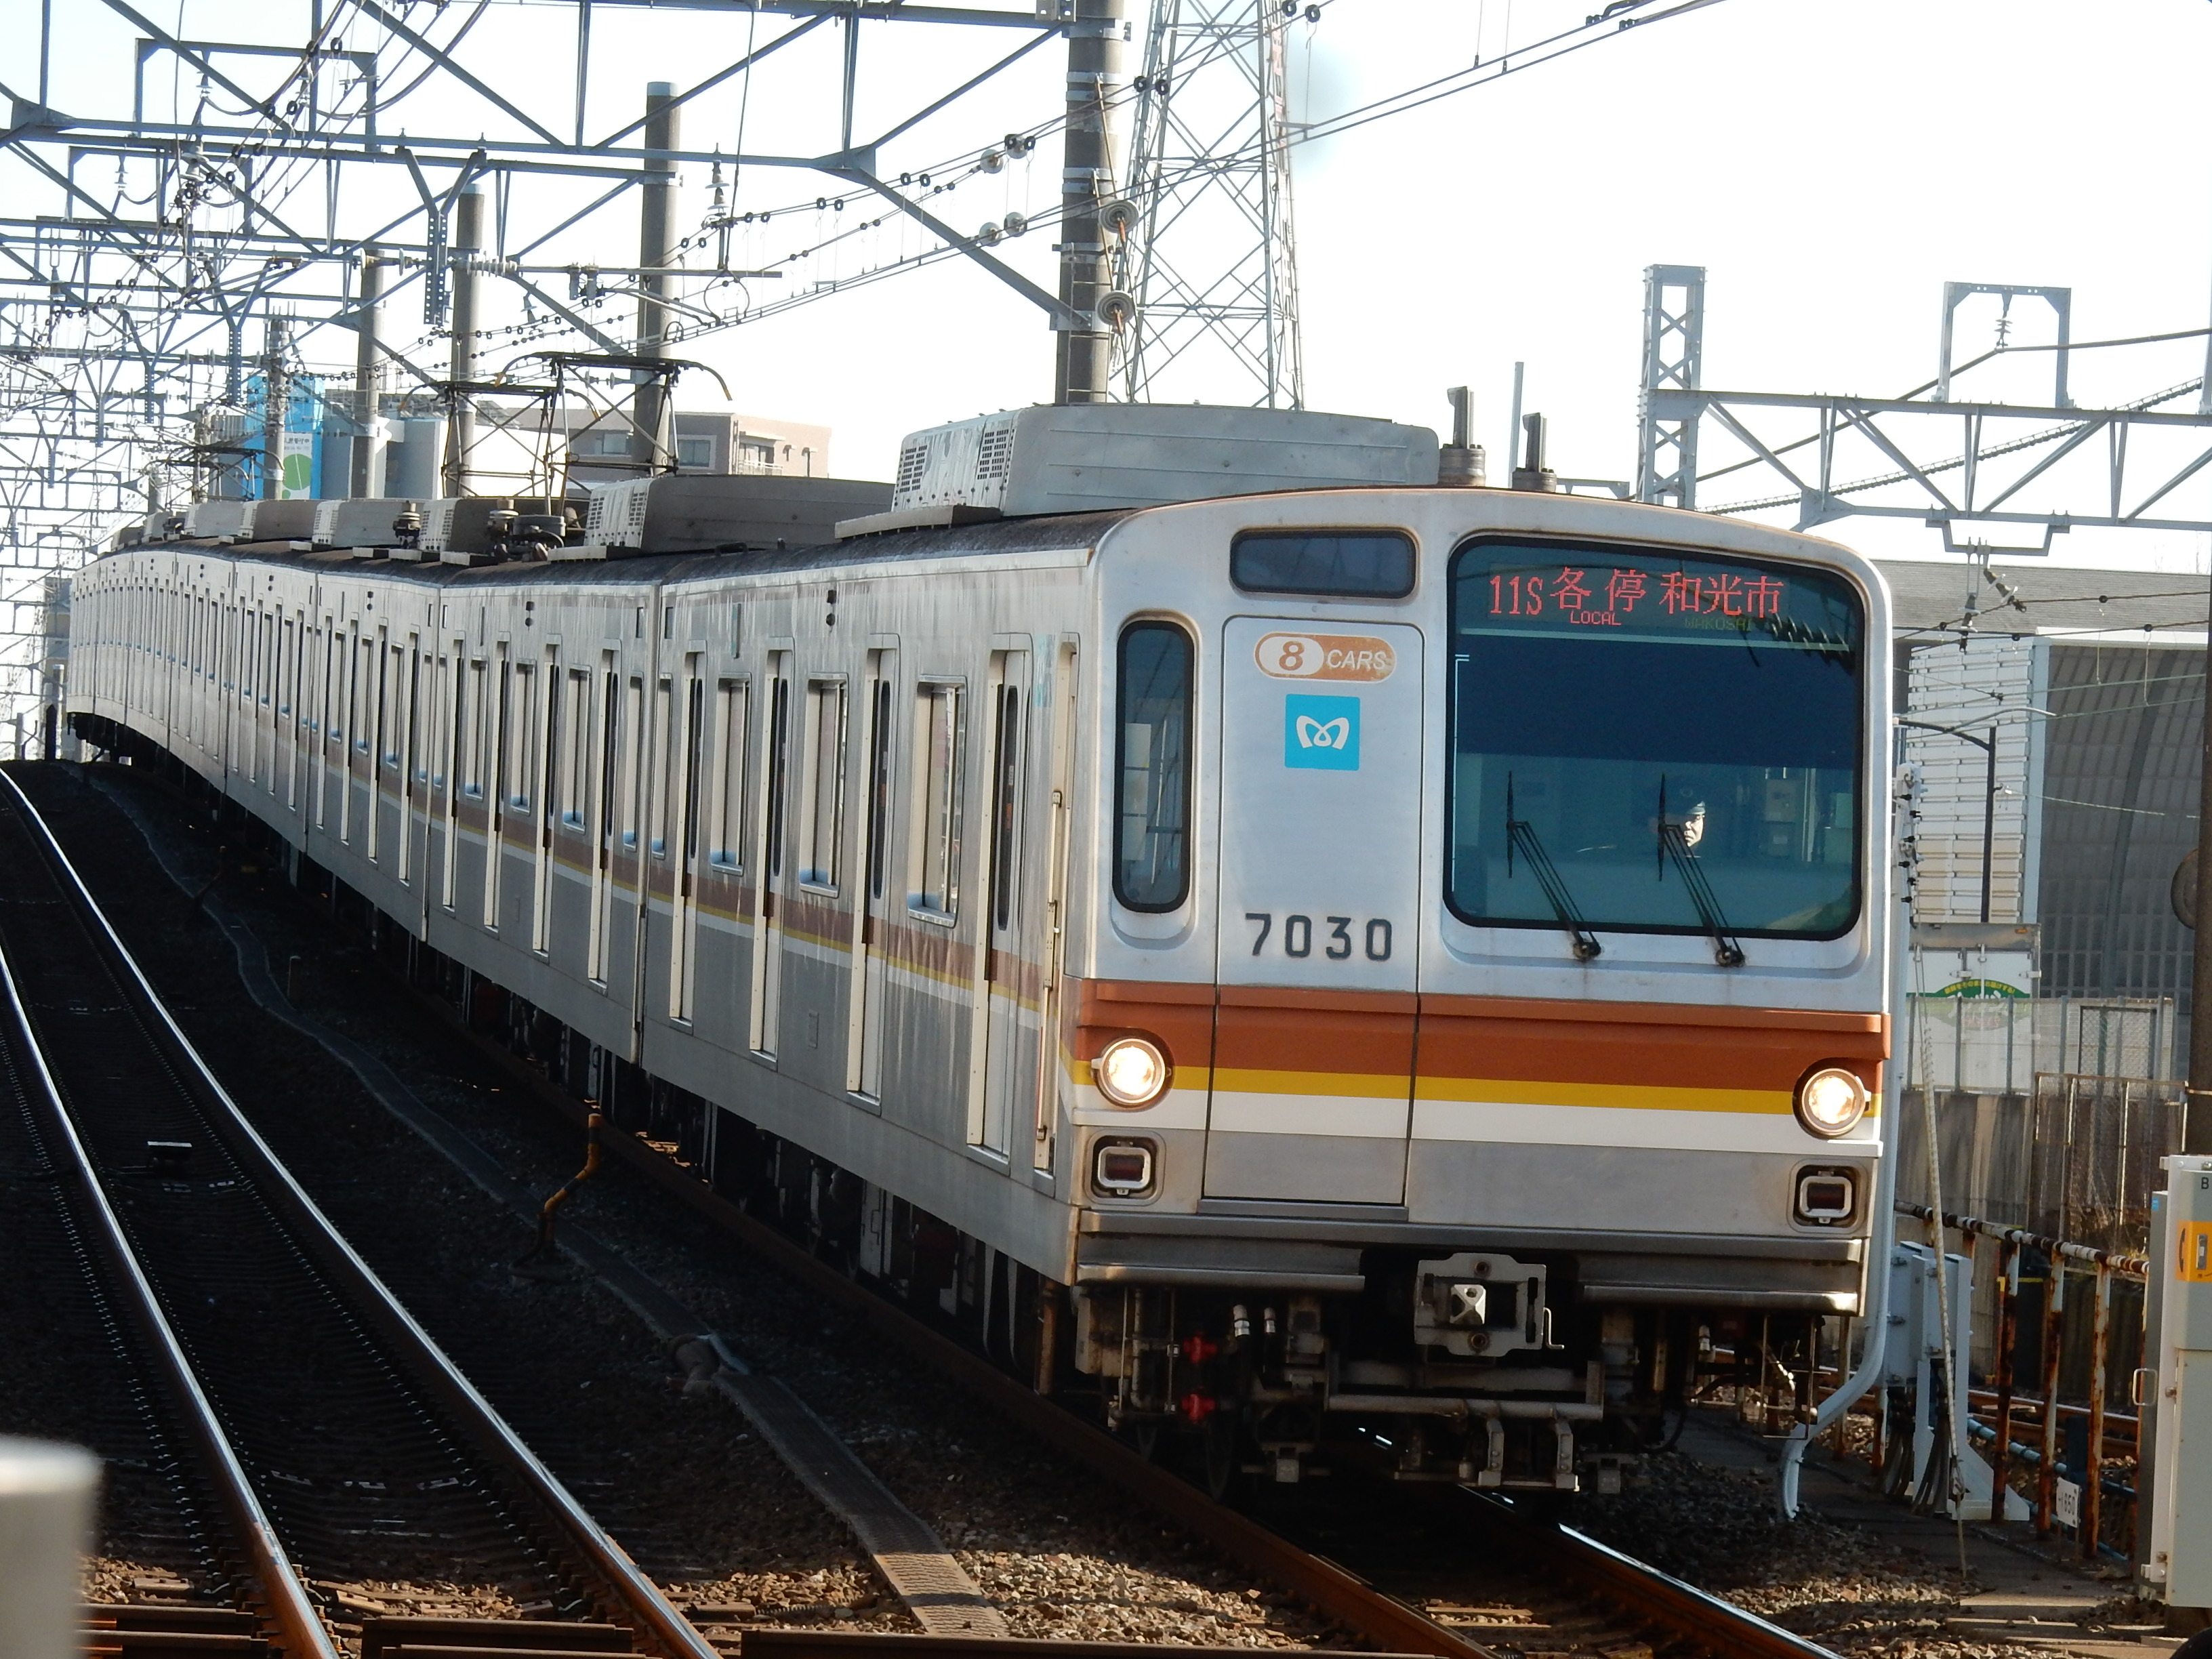 DSCN9613.jpg